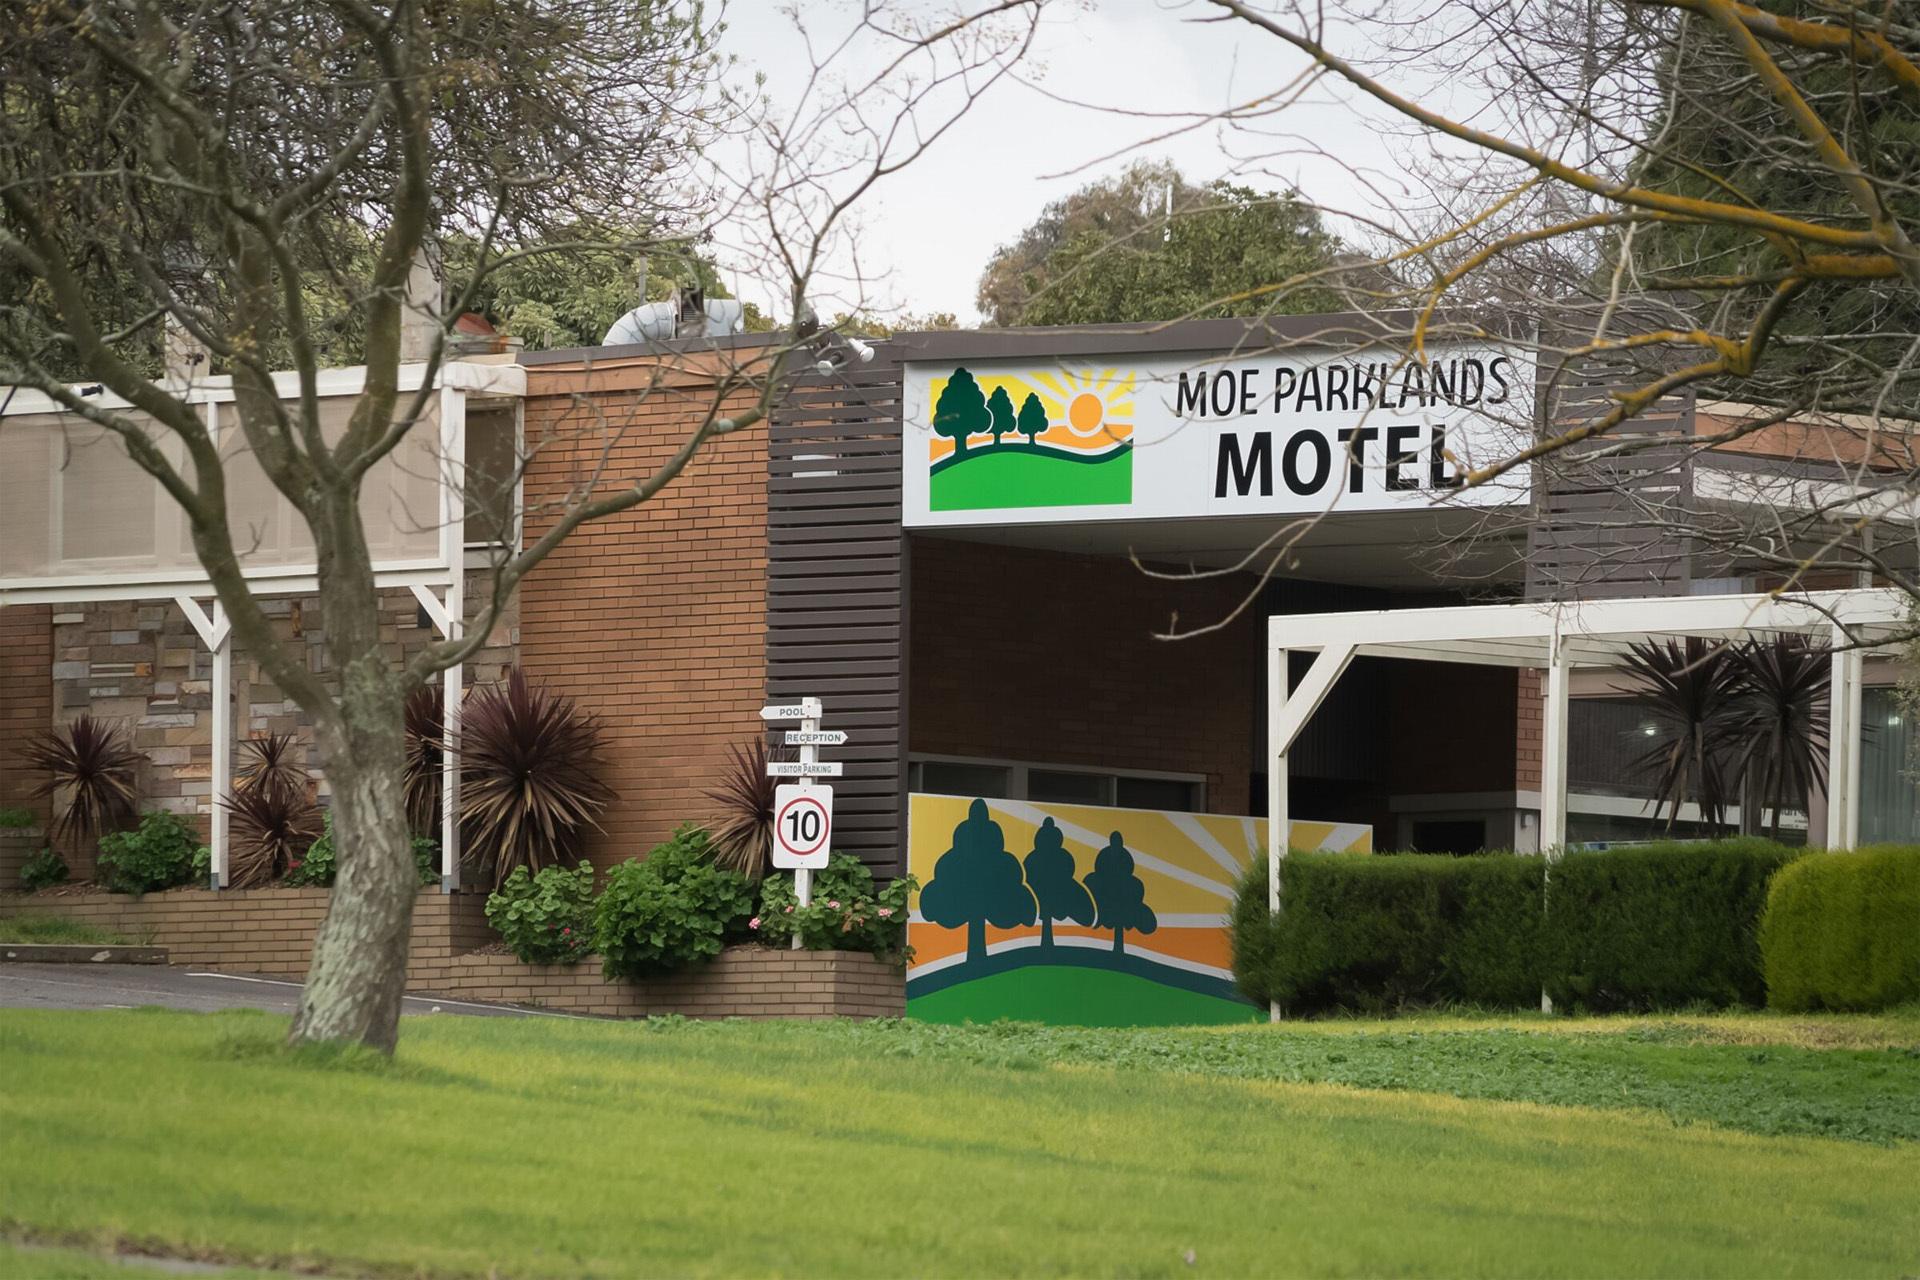 c - Moe Parklands Motel